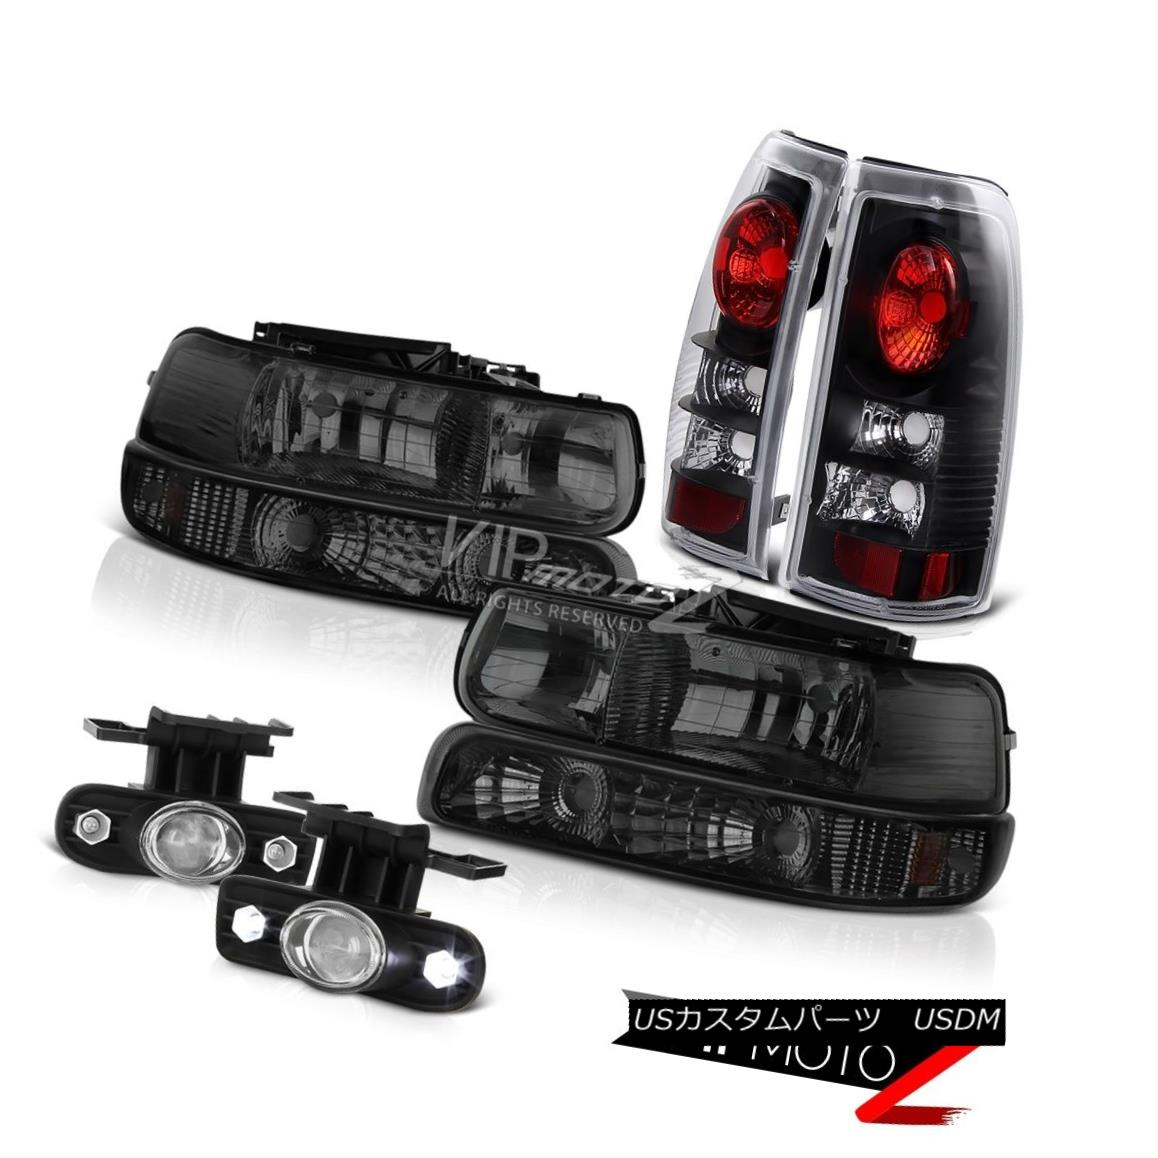 ヘッドライト Bumper+Headlights Tail Brake Lamps Projector Foglights 1999-2002 Silveardo Z71 バンパー+ヘッドライト htsテールブレーキランププロジェクターフォグライト1999-2002 Silverado Z71